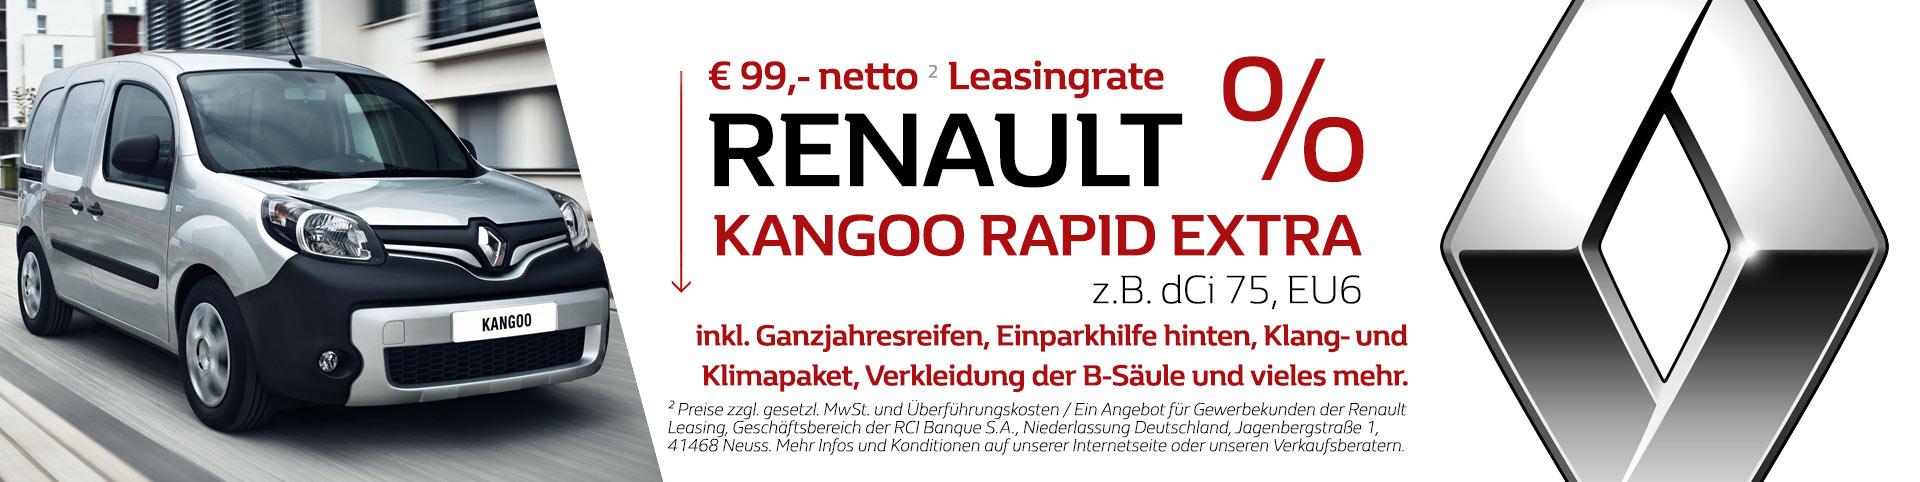 Renault Kangoo Leasing Angebot